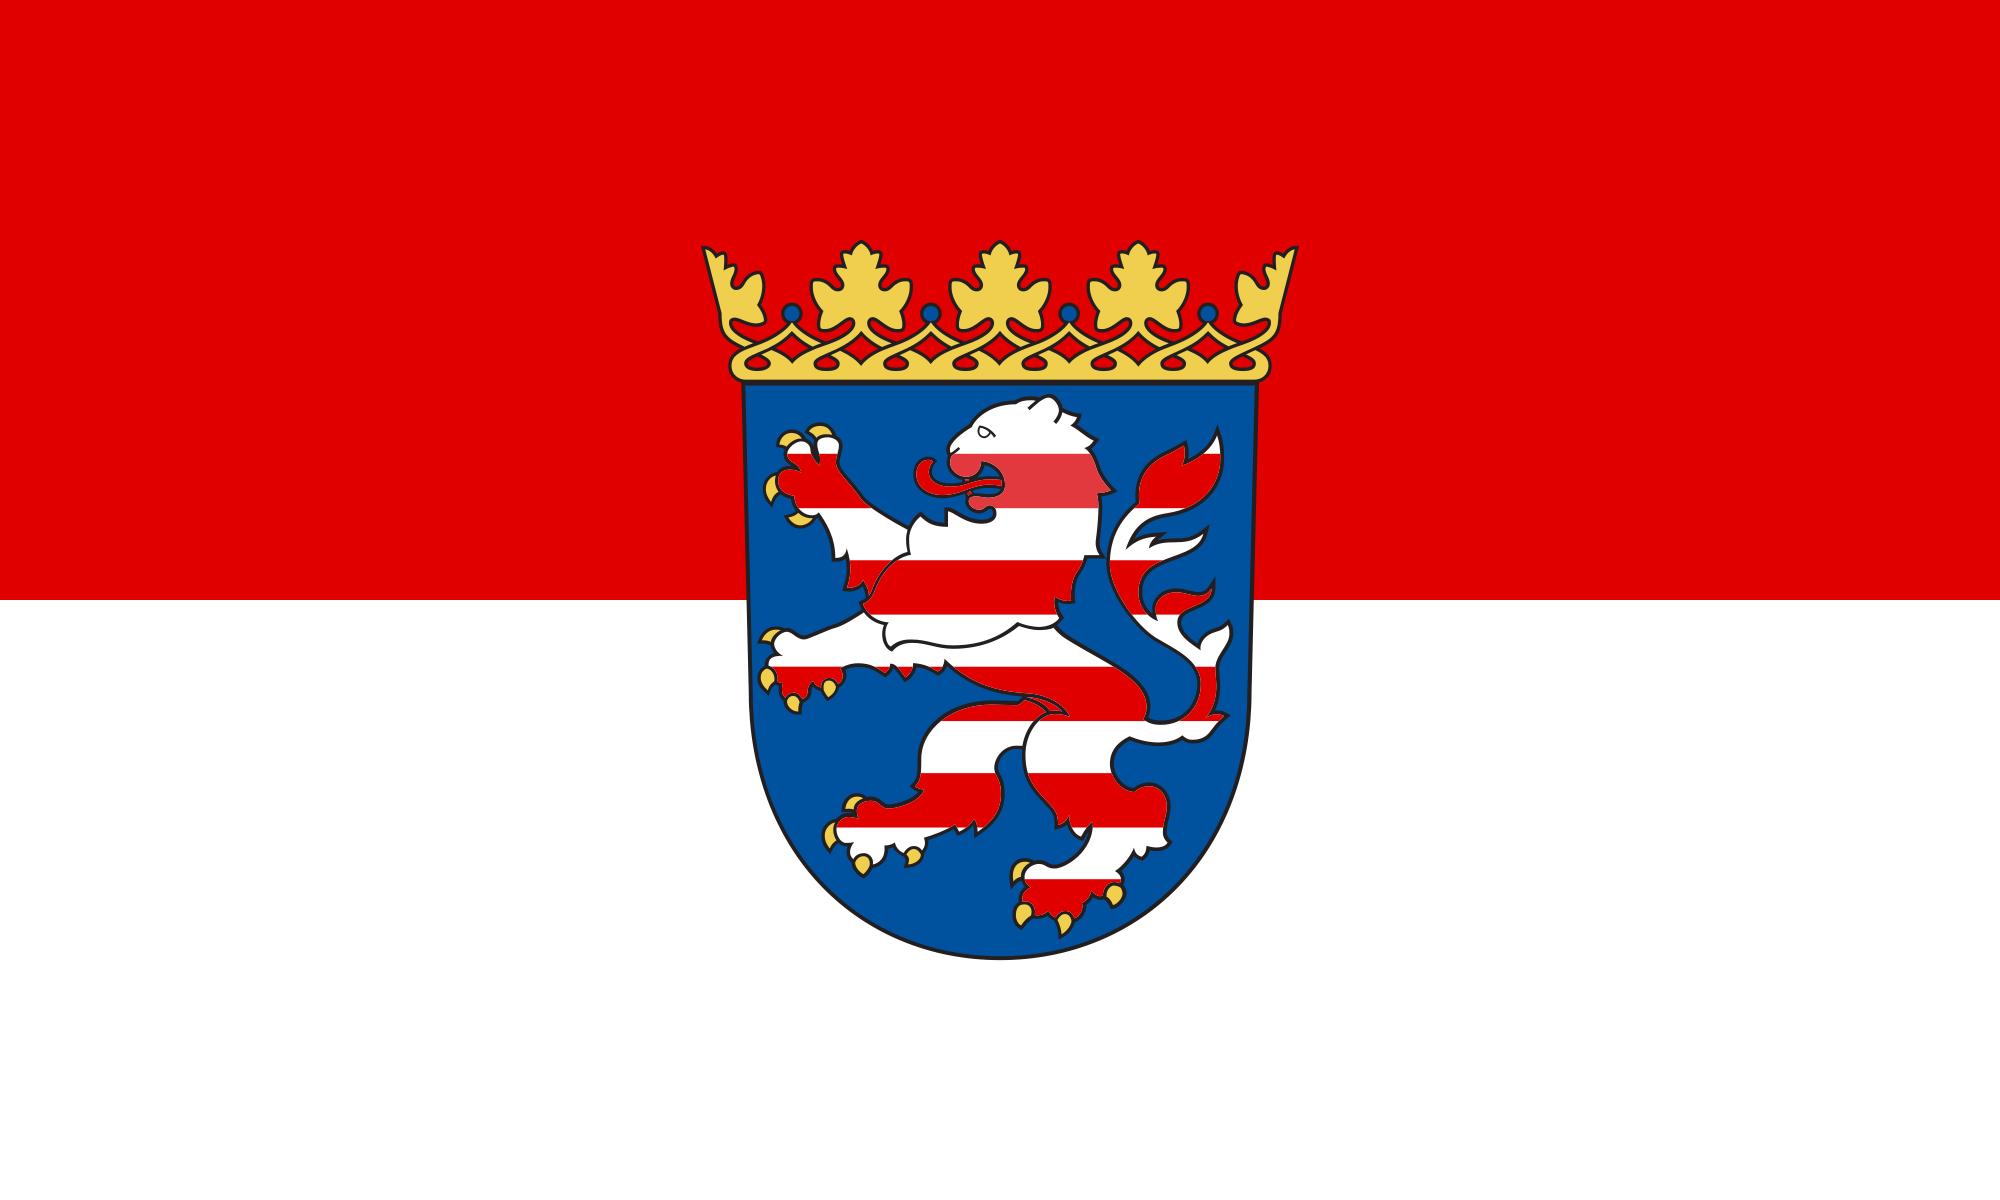 Hesse (State flag)